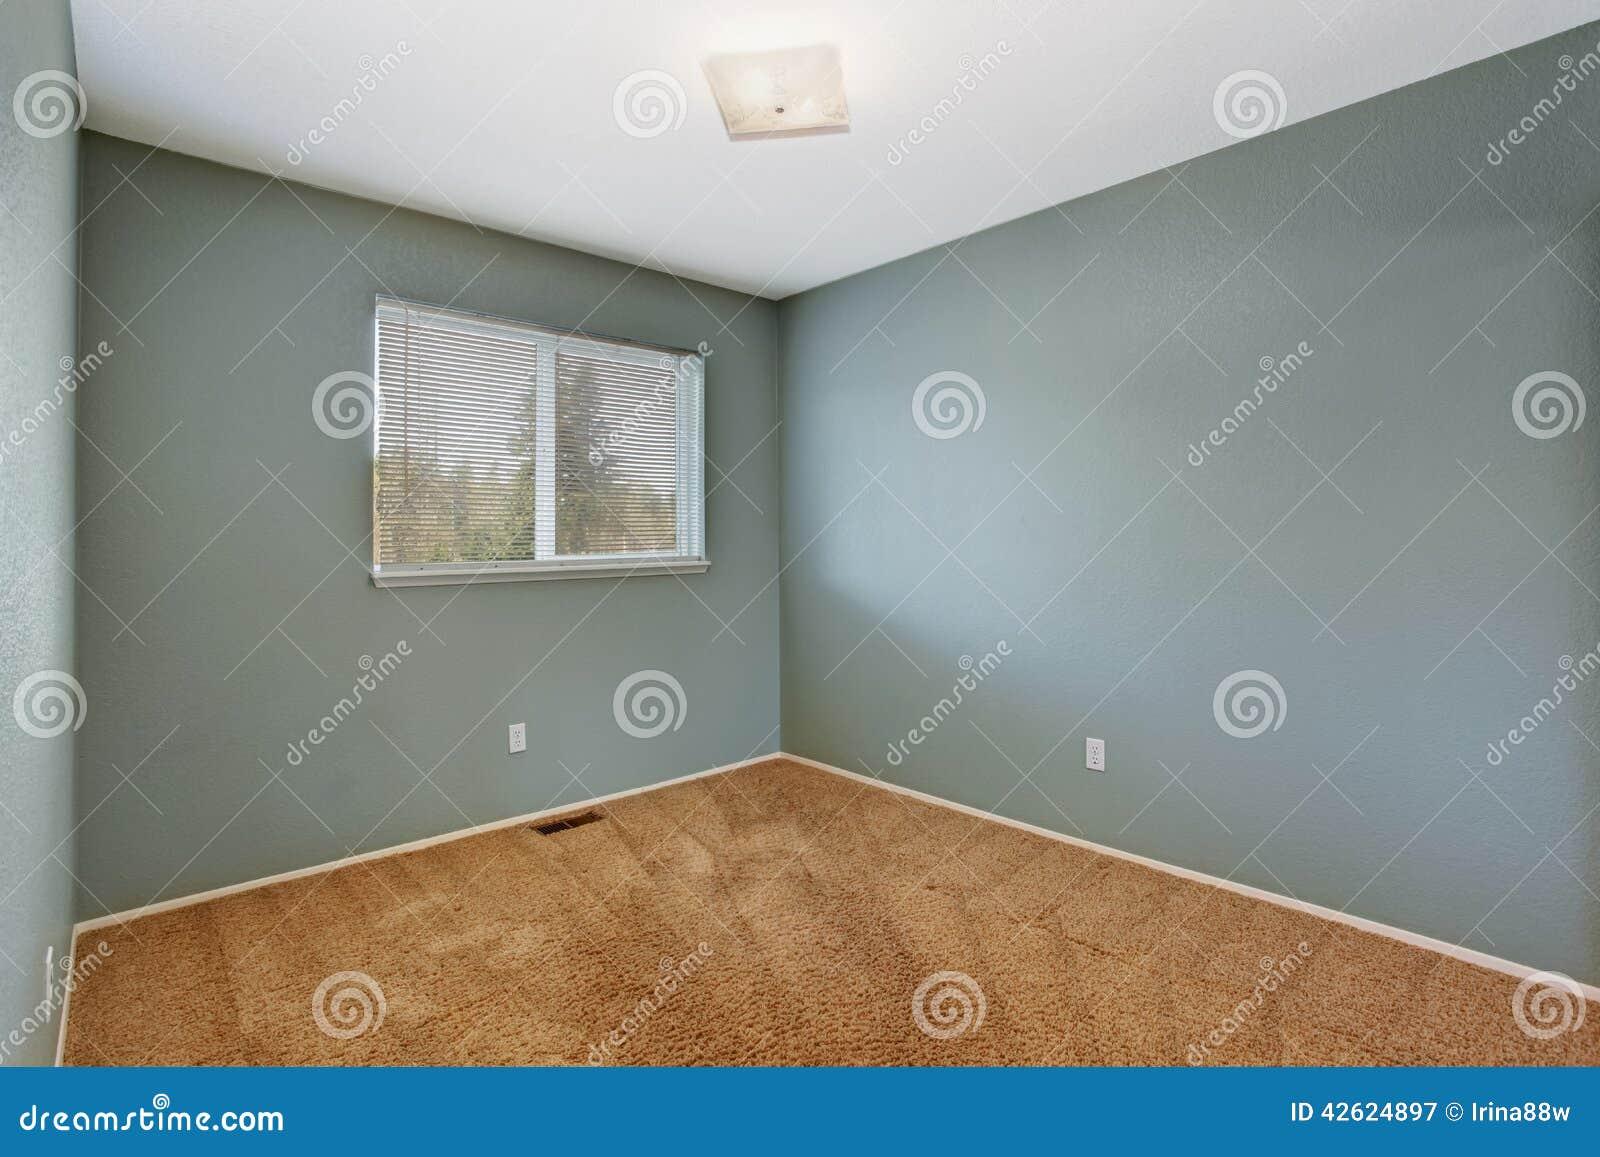 Sala Pequena Com Tapete Marrom ~  pequena na cor do aquq com uma janela e o assoalho de tapete marrom